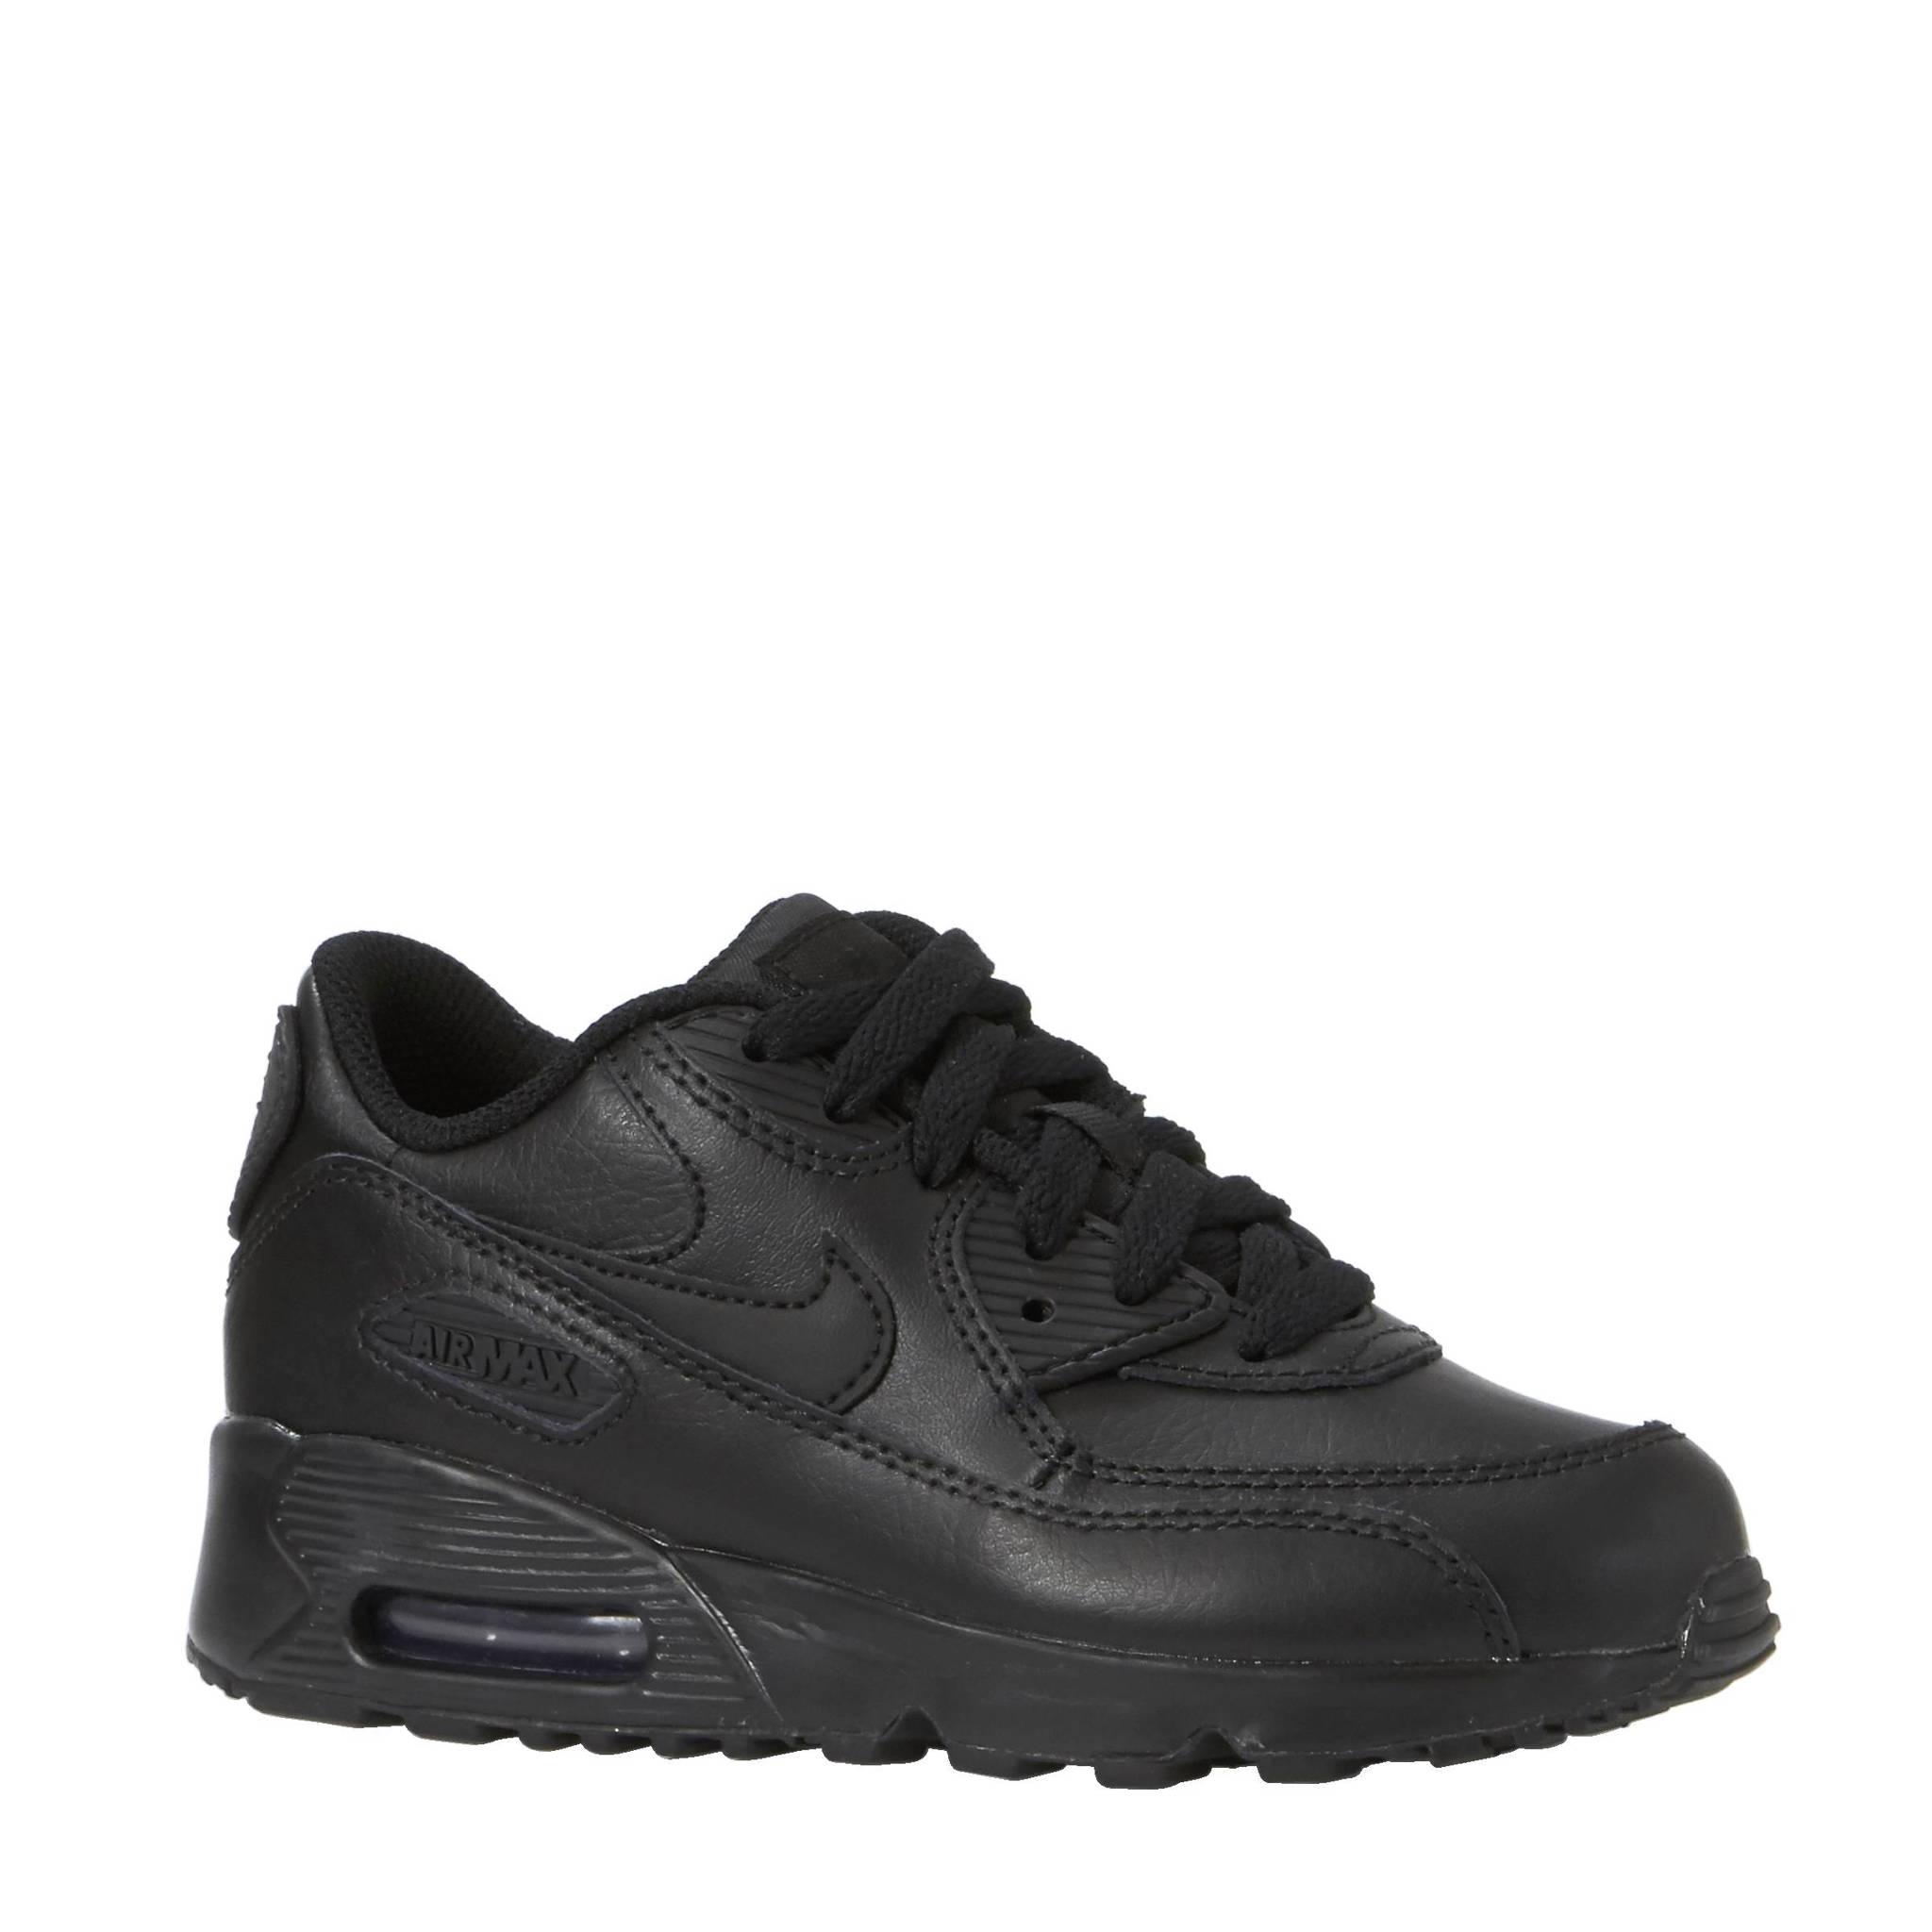 84fdb5daa93 Nike Air Max 90 LTR (GS) sneakers   wehkamp